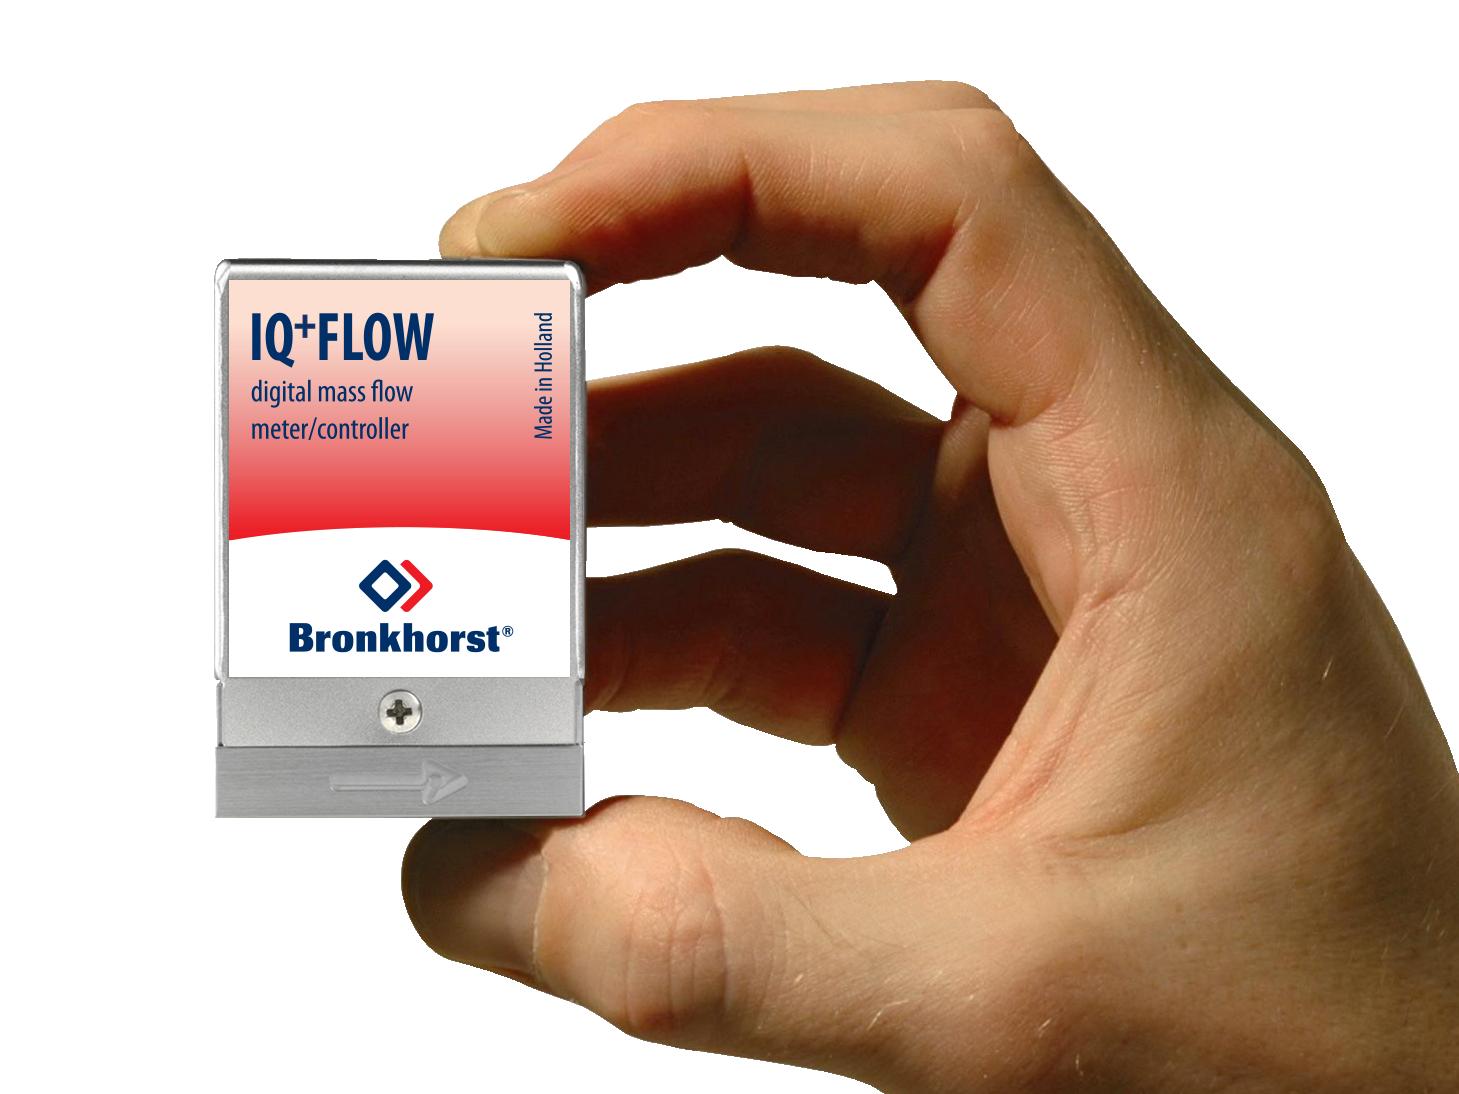 Hmotnostný prietokomer alebo regulátor prietoku IQ+ Flow